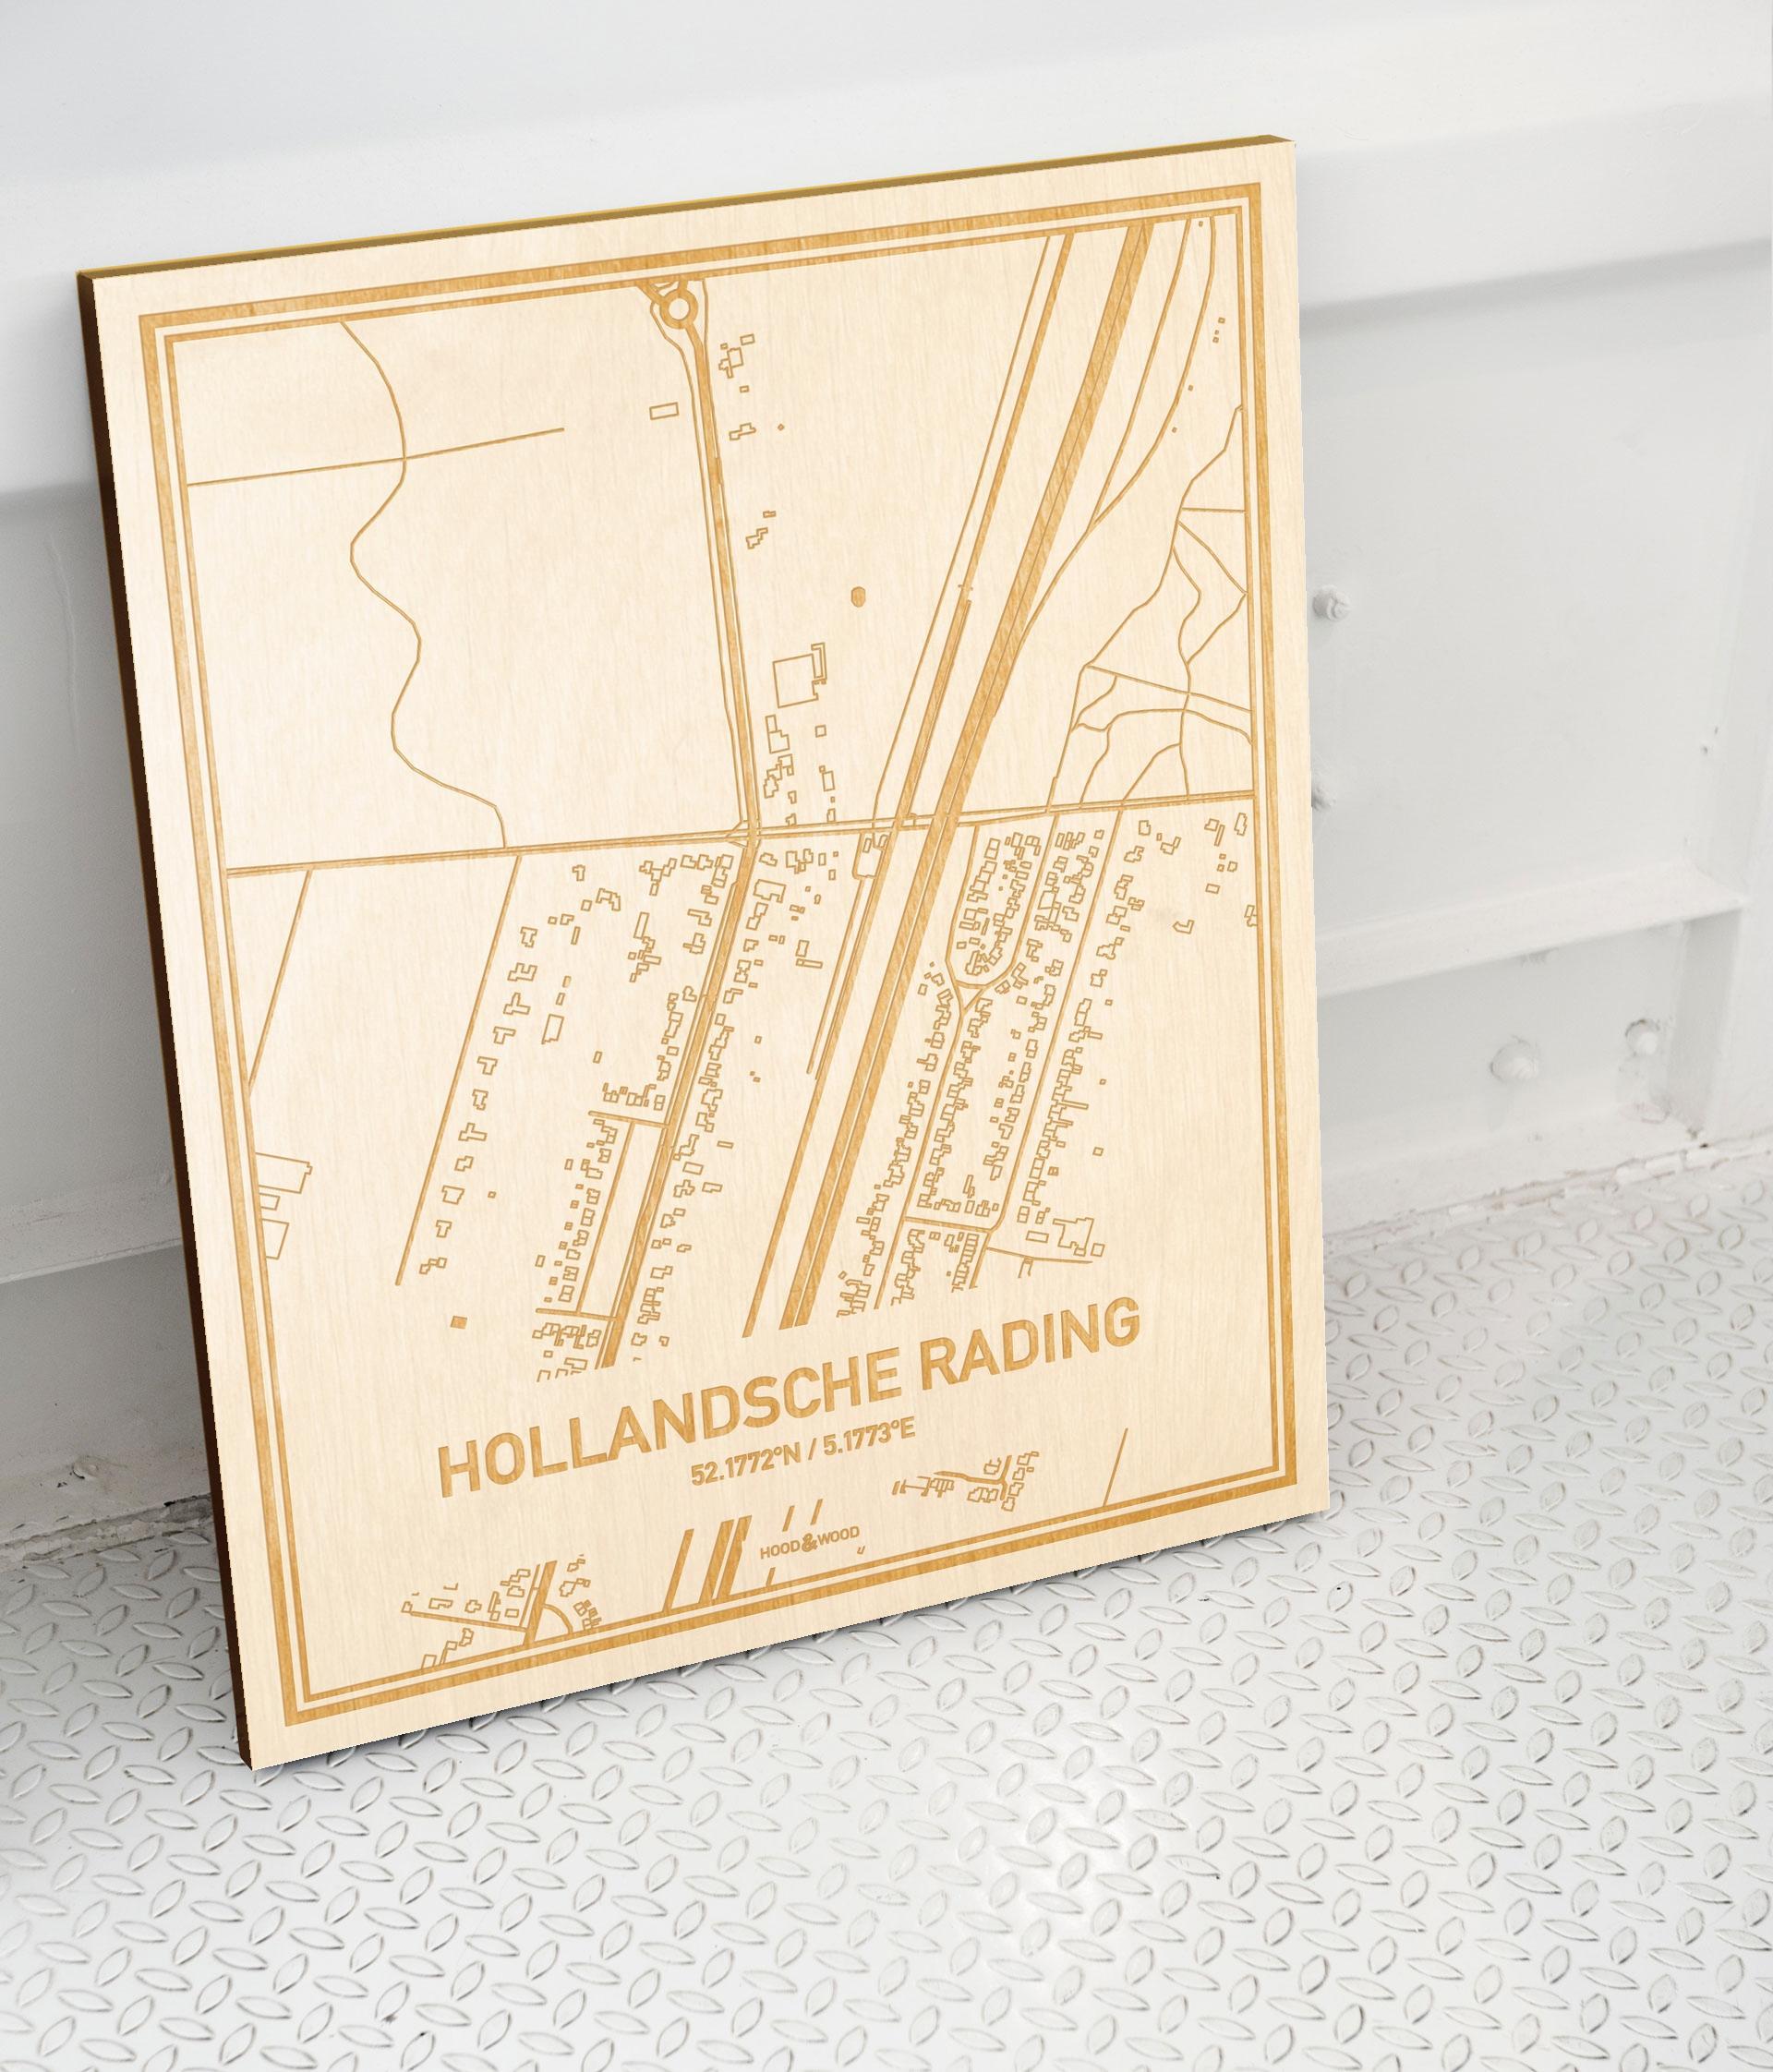 Plattegrond Hollandsche Rading als prachtige houten wanddecoratie. Het warme hout contrasteert mooi met de witte muur.